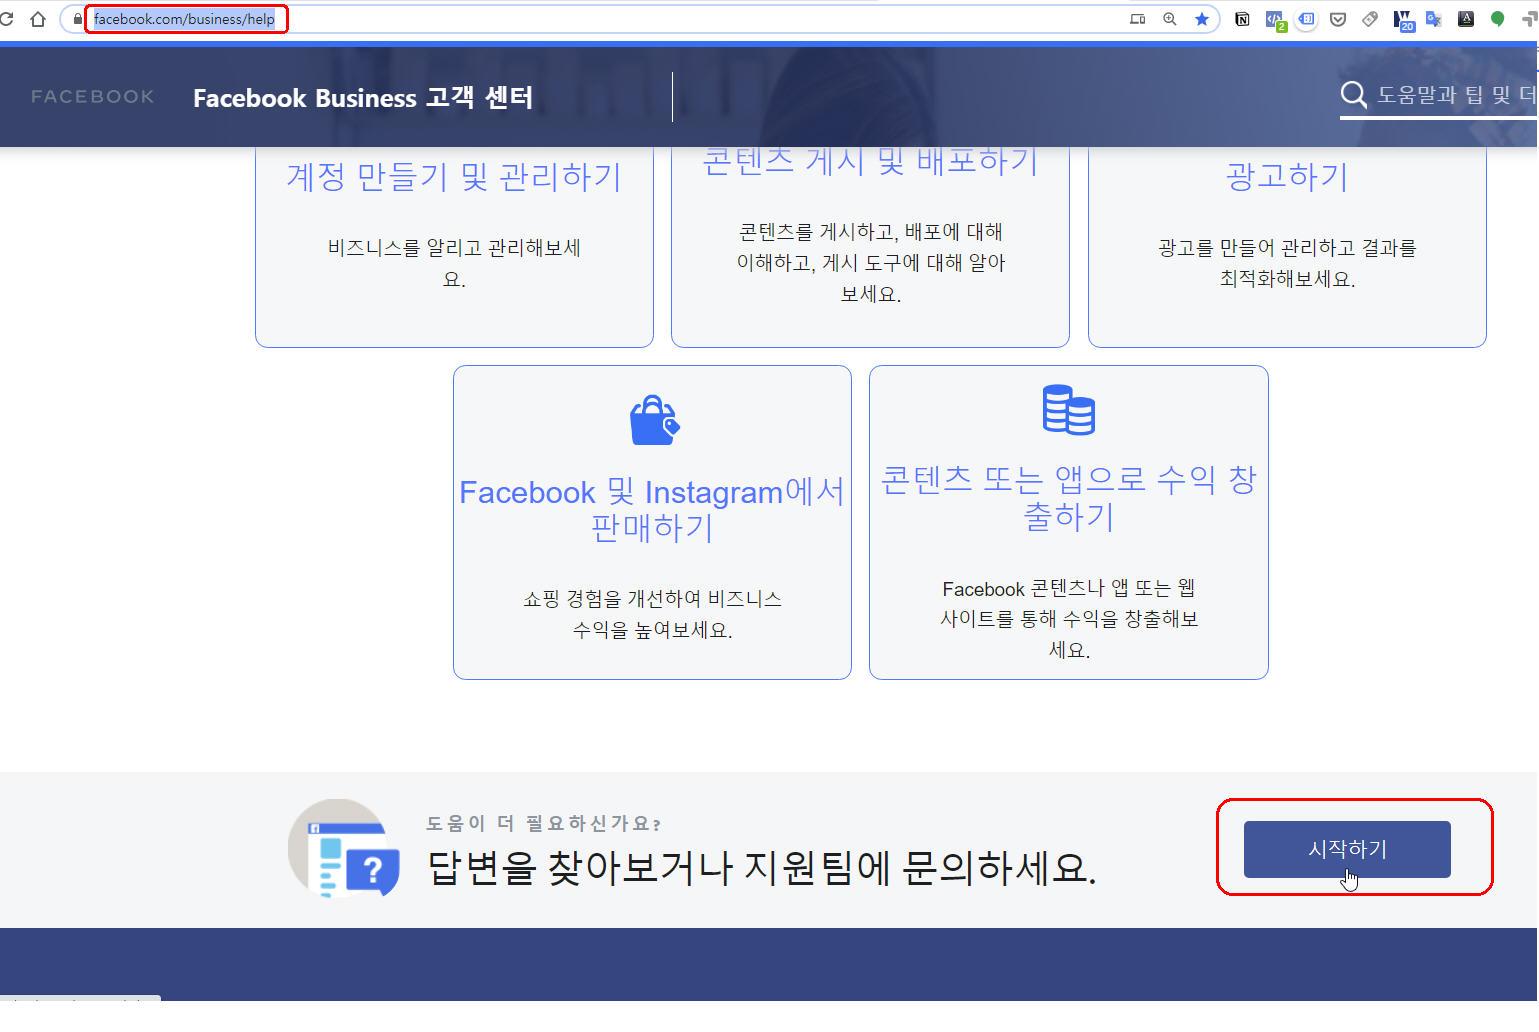 페이스북-질문링크.jpg